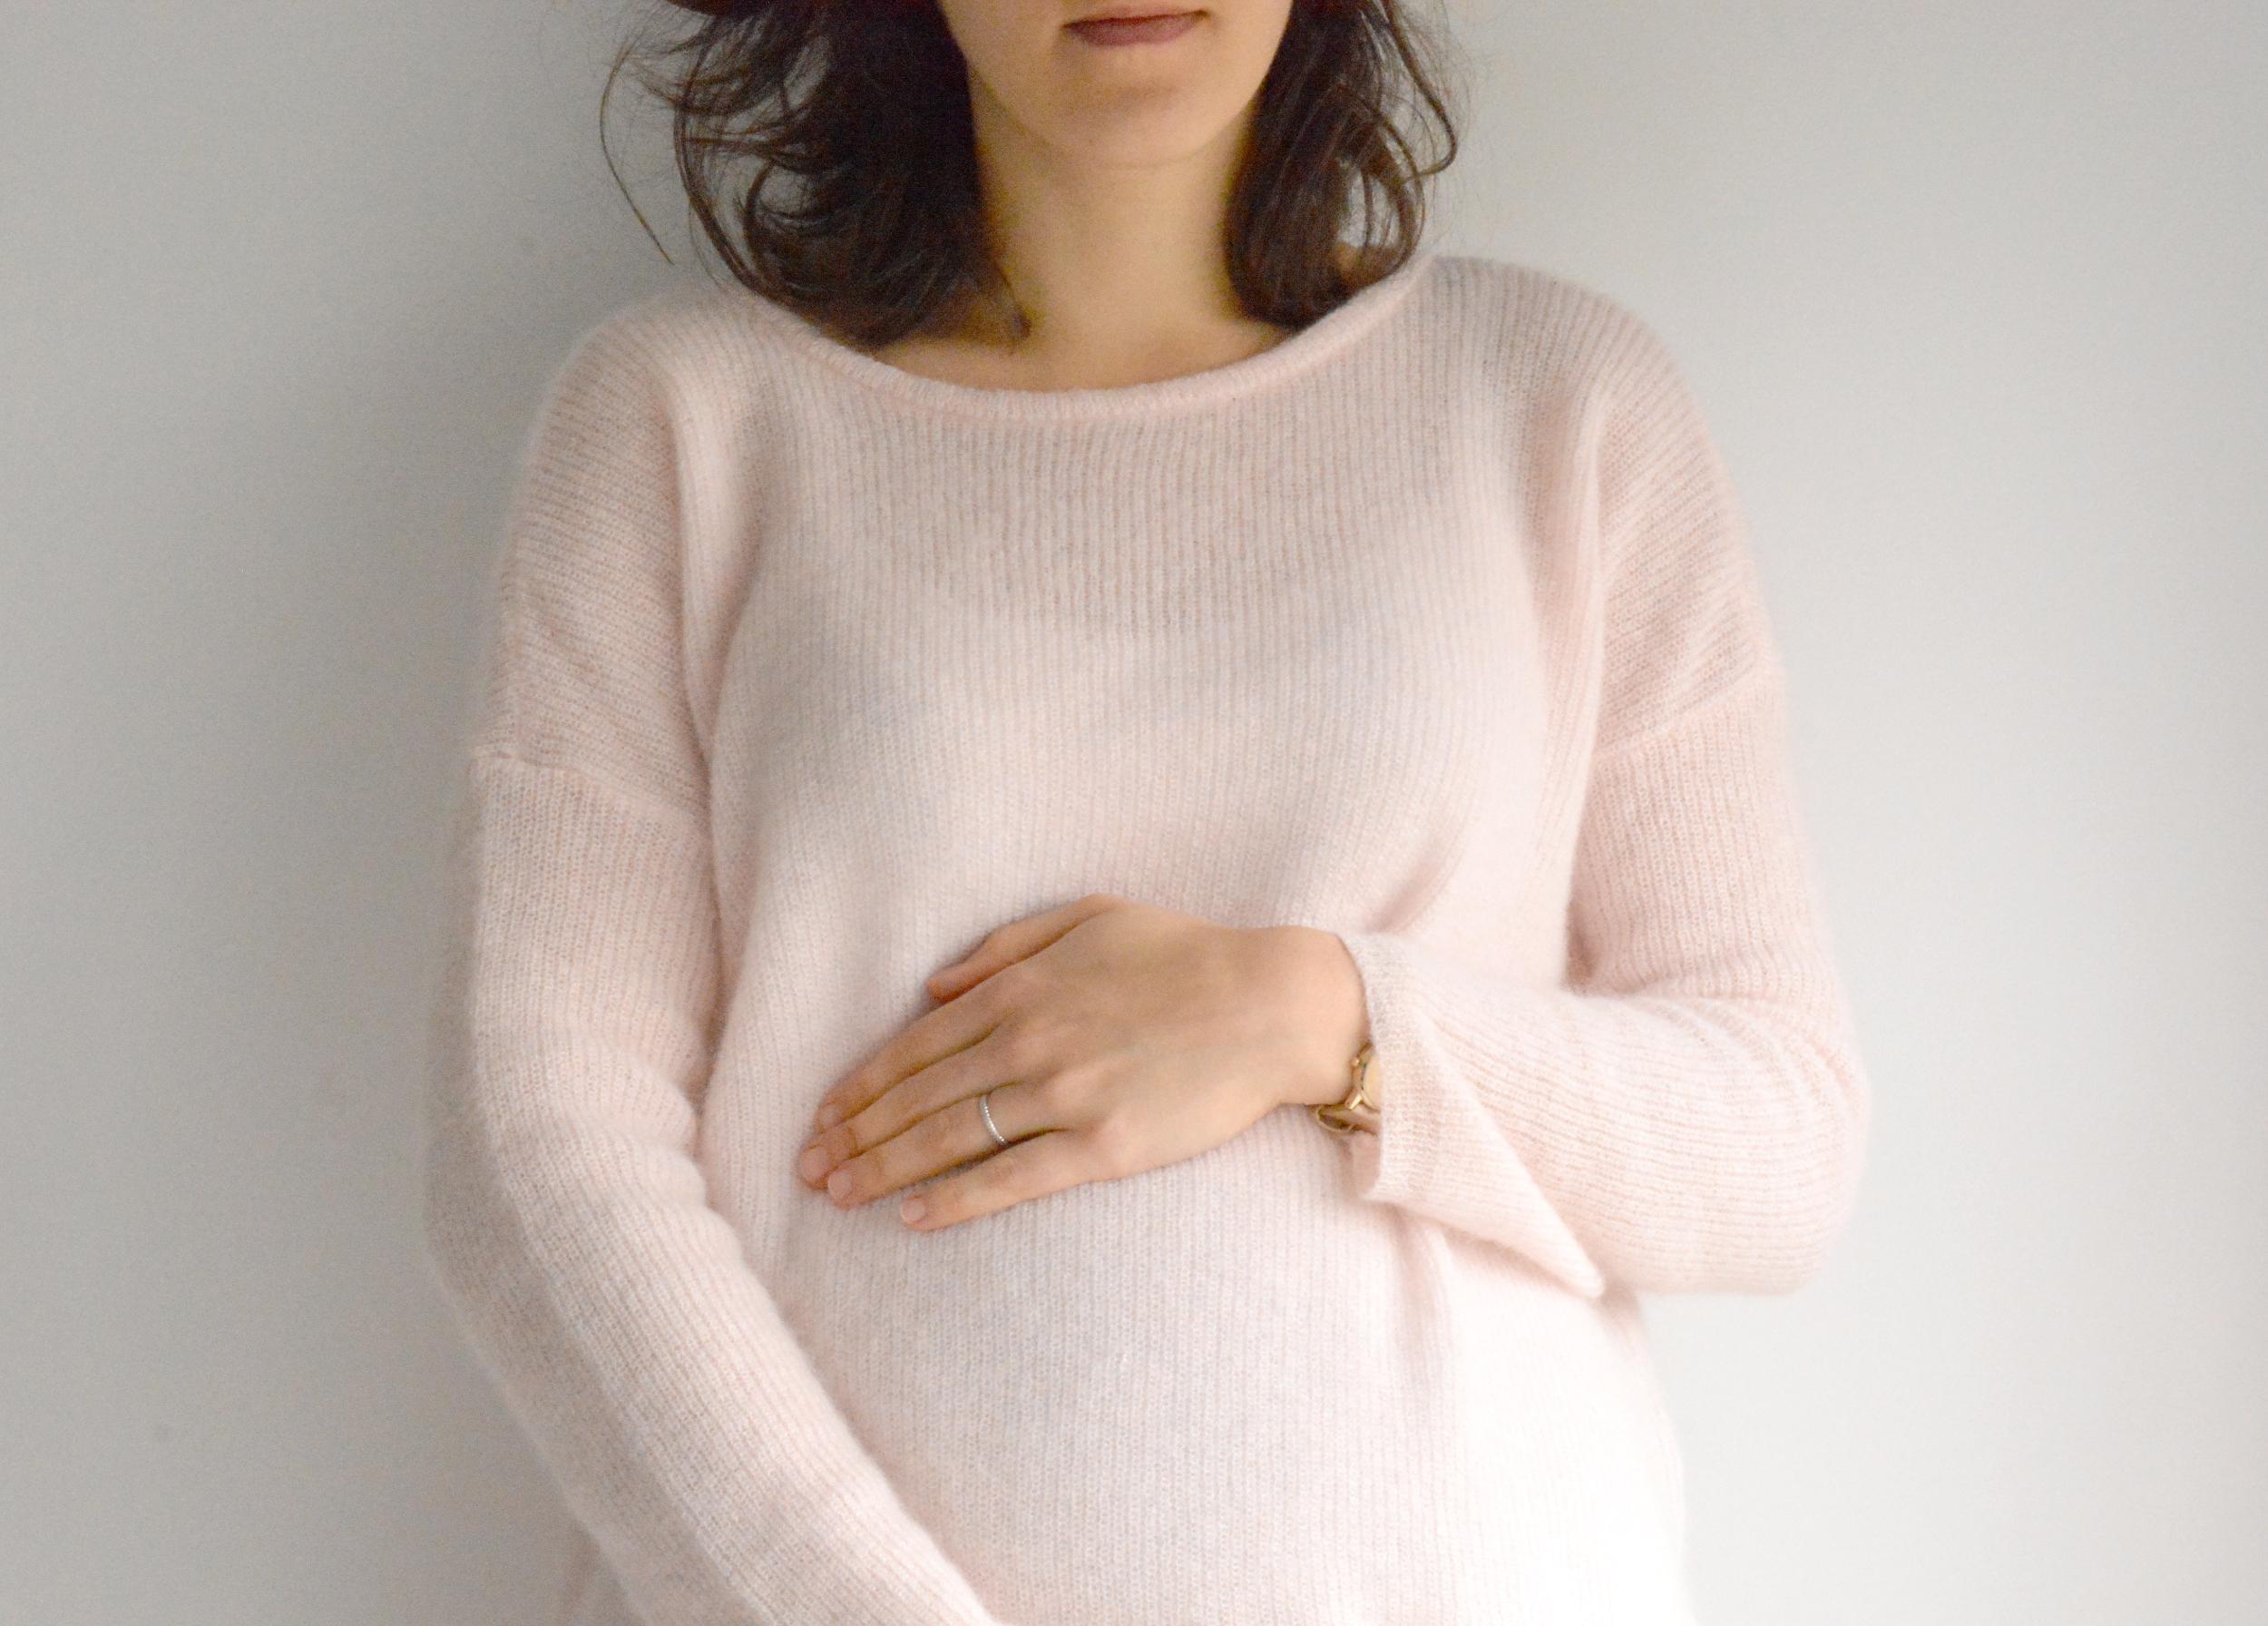 ce qu 39 il faut dire ou pas une femme enceinte. Black Bedroom Furniture Sets. Home Design Ideas